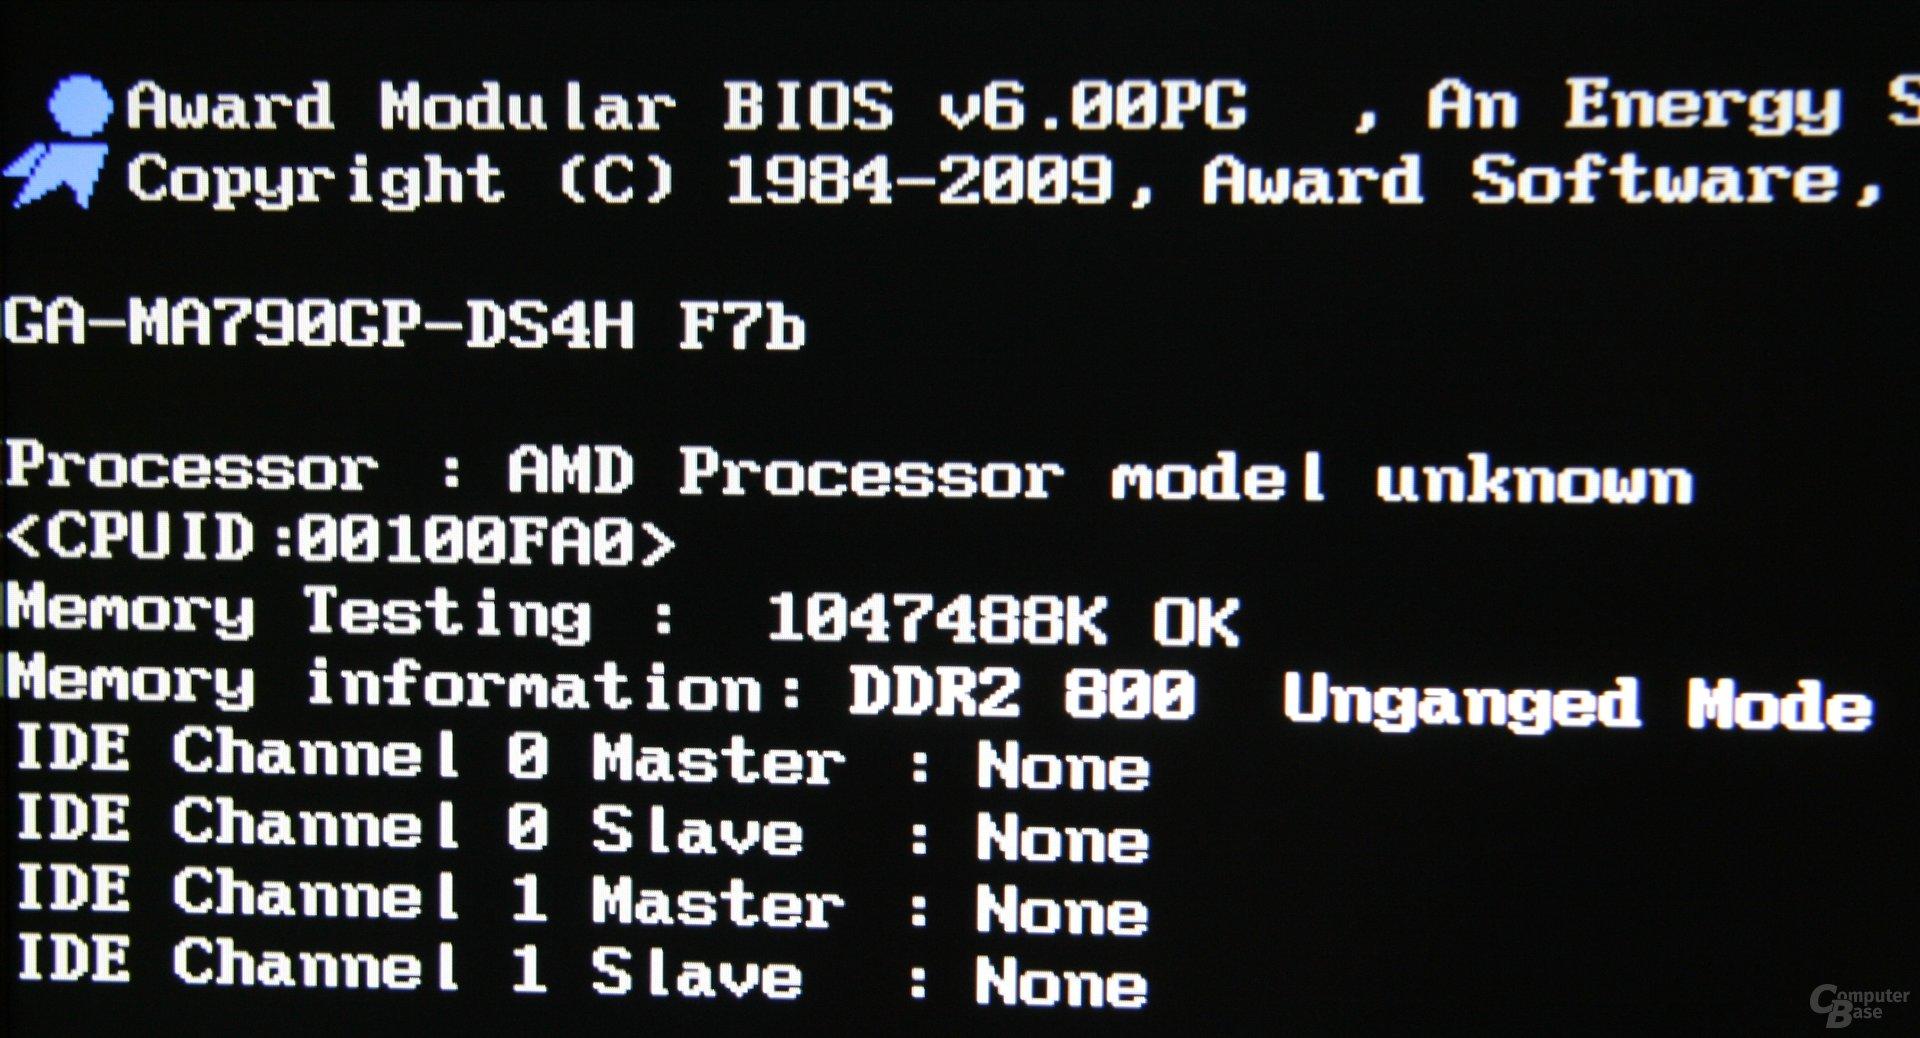 Ohne richtige CPU-Unterstützung gibt es wenigstens ein unbekanntes Modell